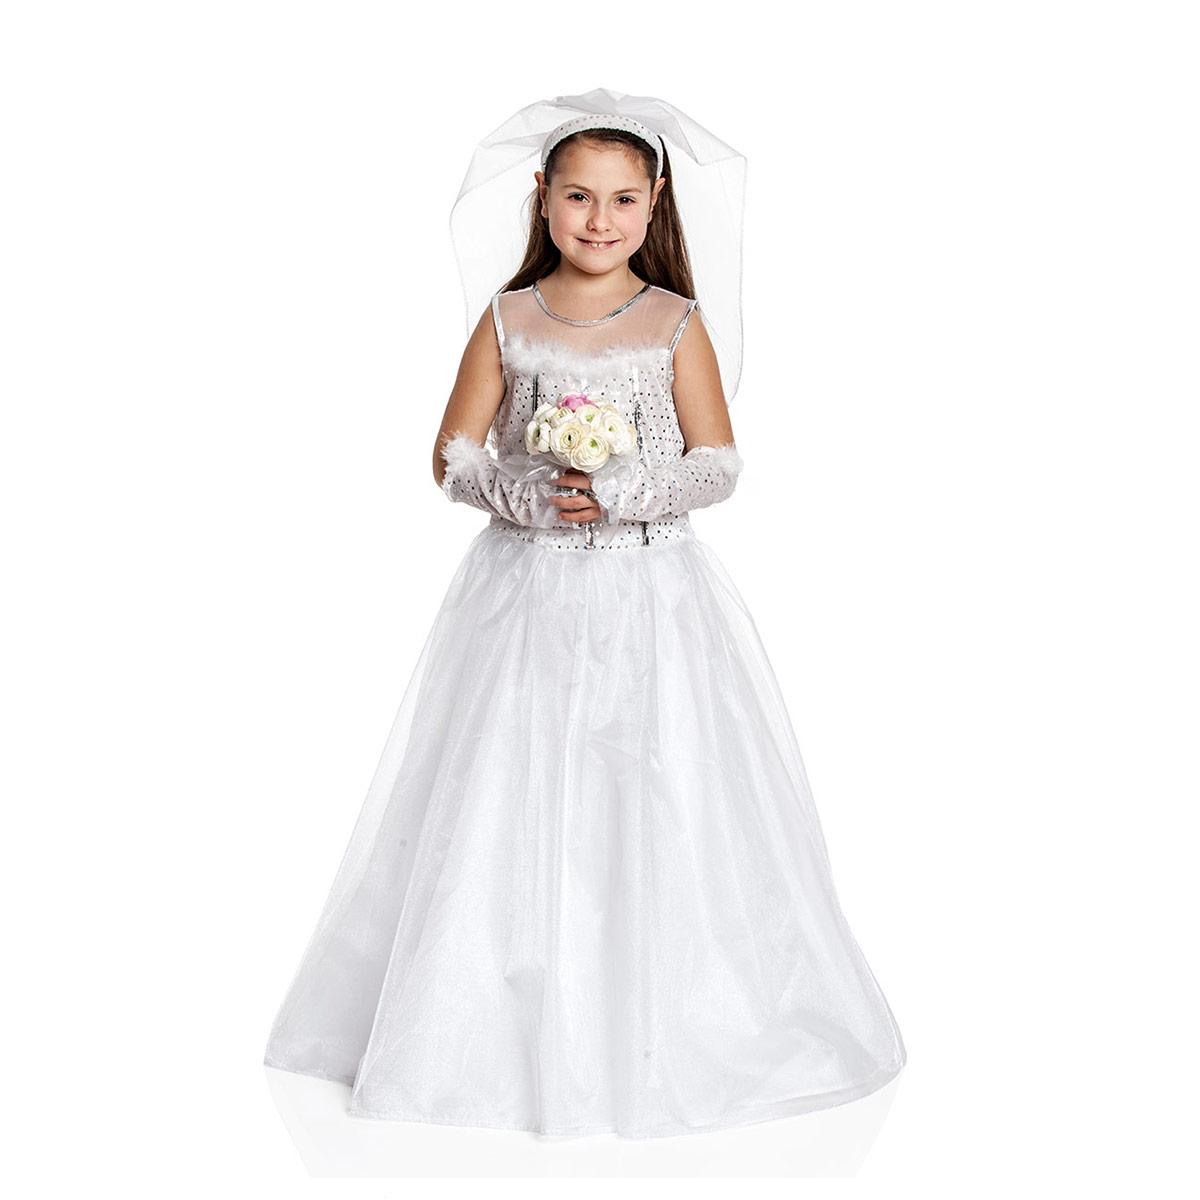 Braut Kostüm mit Schleier Kinder Mädchen Traum weiß | Kostümplanet®